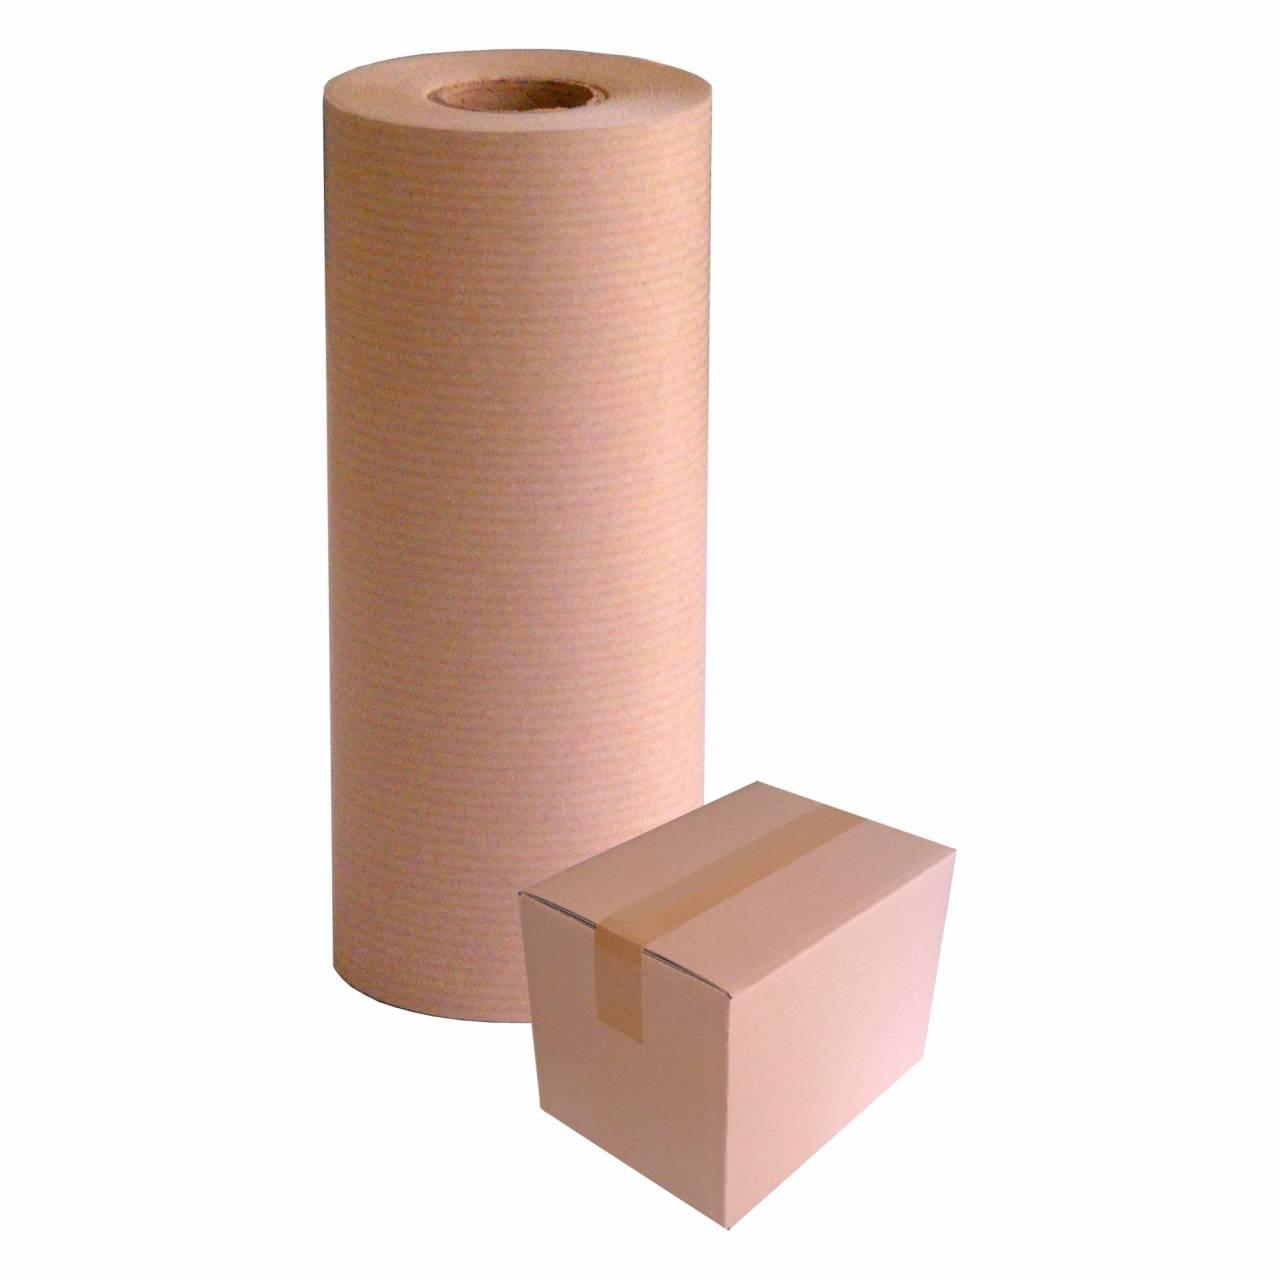 Abdeckpapier, 75 mm x 50 m / Krt a 36 Rollen